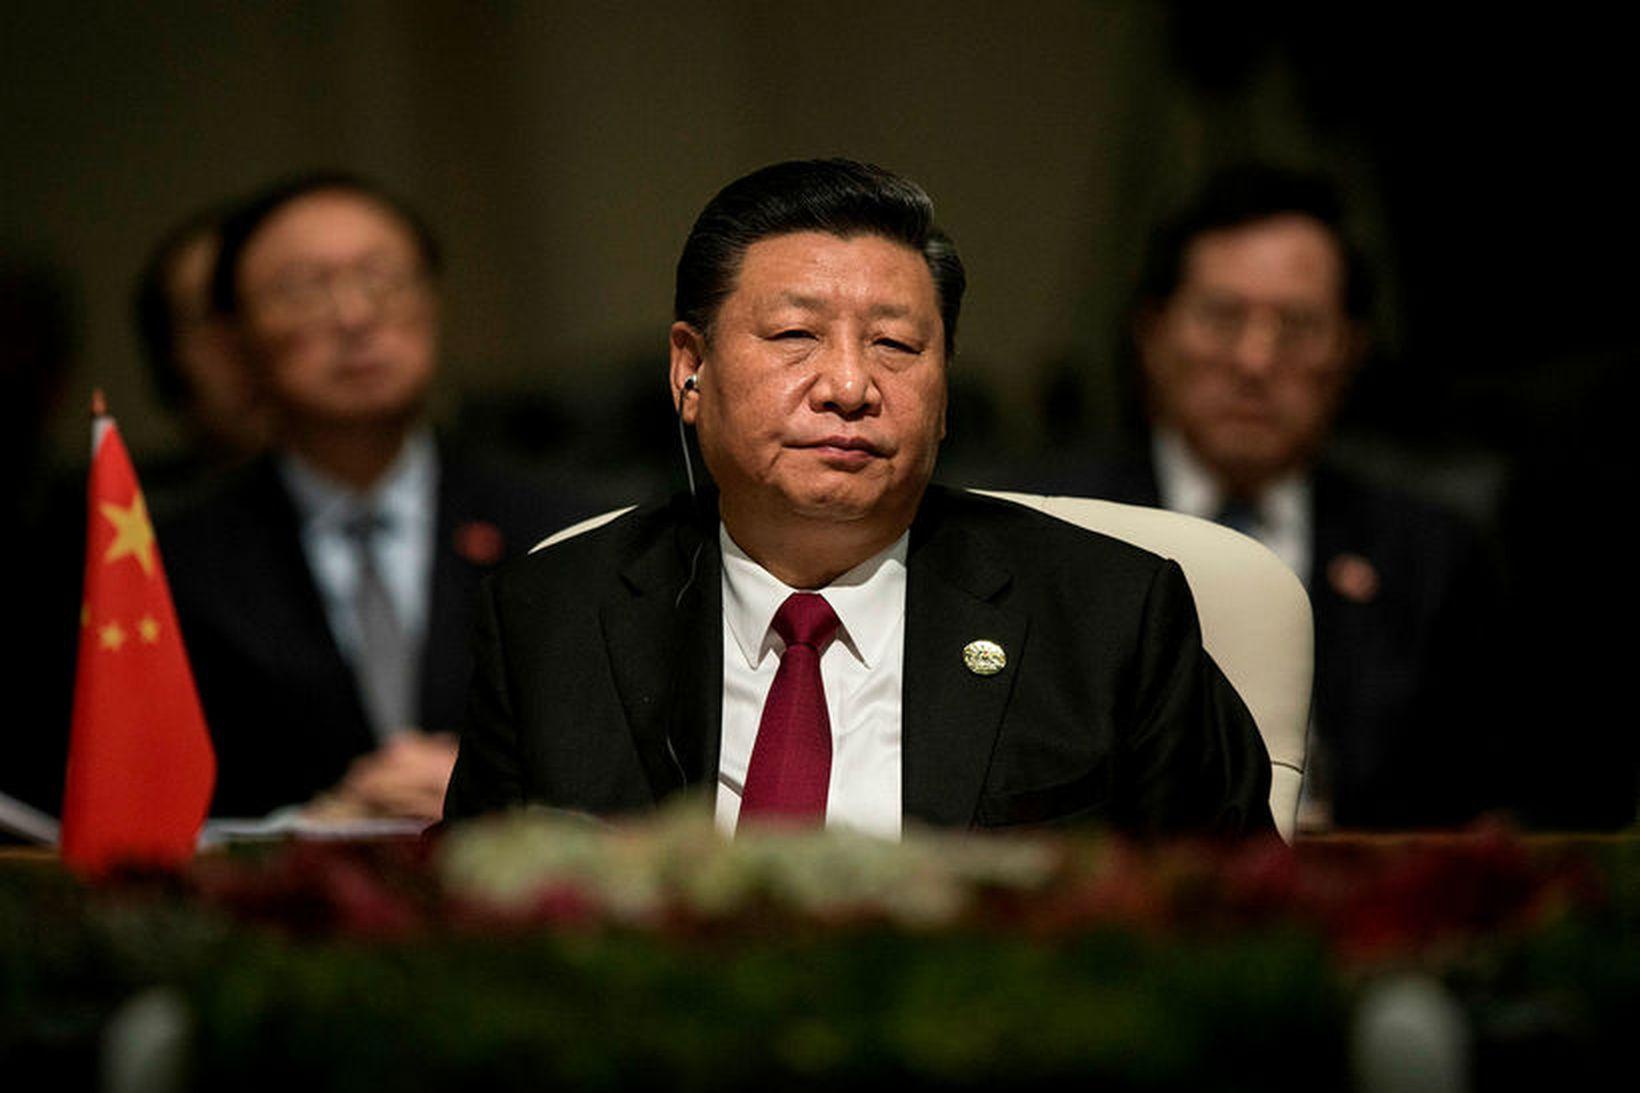 Xi Jinping, forseti Kína, hefur varið heljartak stjórnvalda á lýðnetinu. …